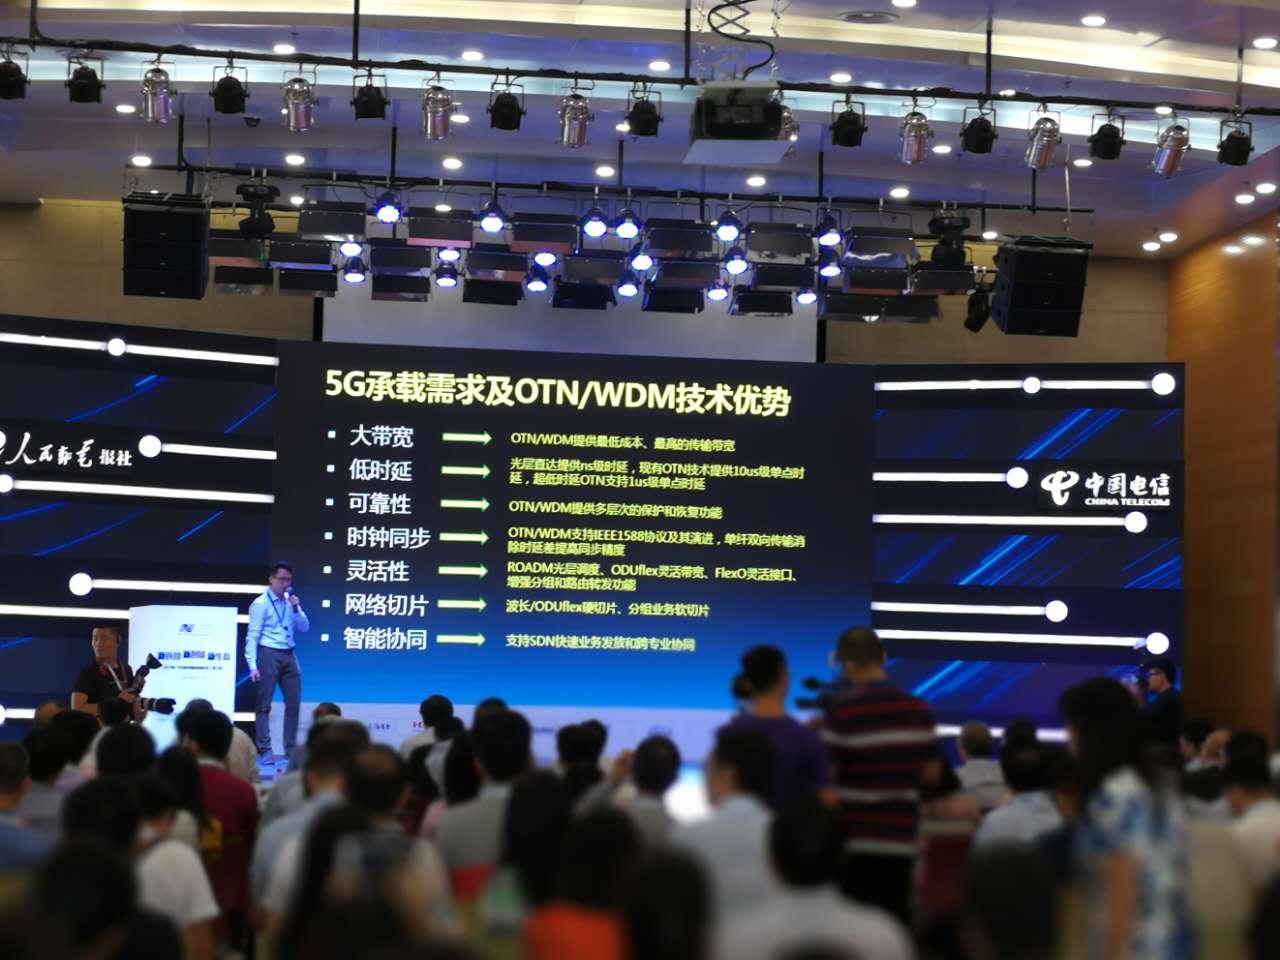 中国电信发布《5G时代光传送网技术白皮书》:获产业链广泛认可